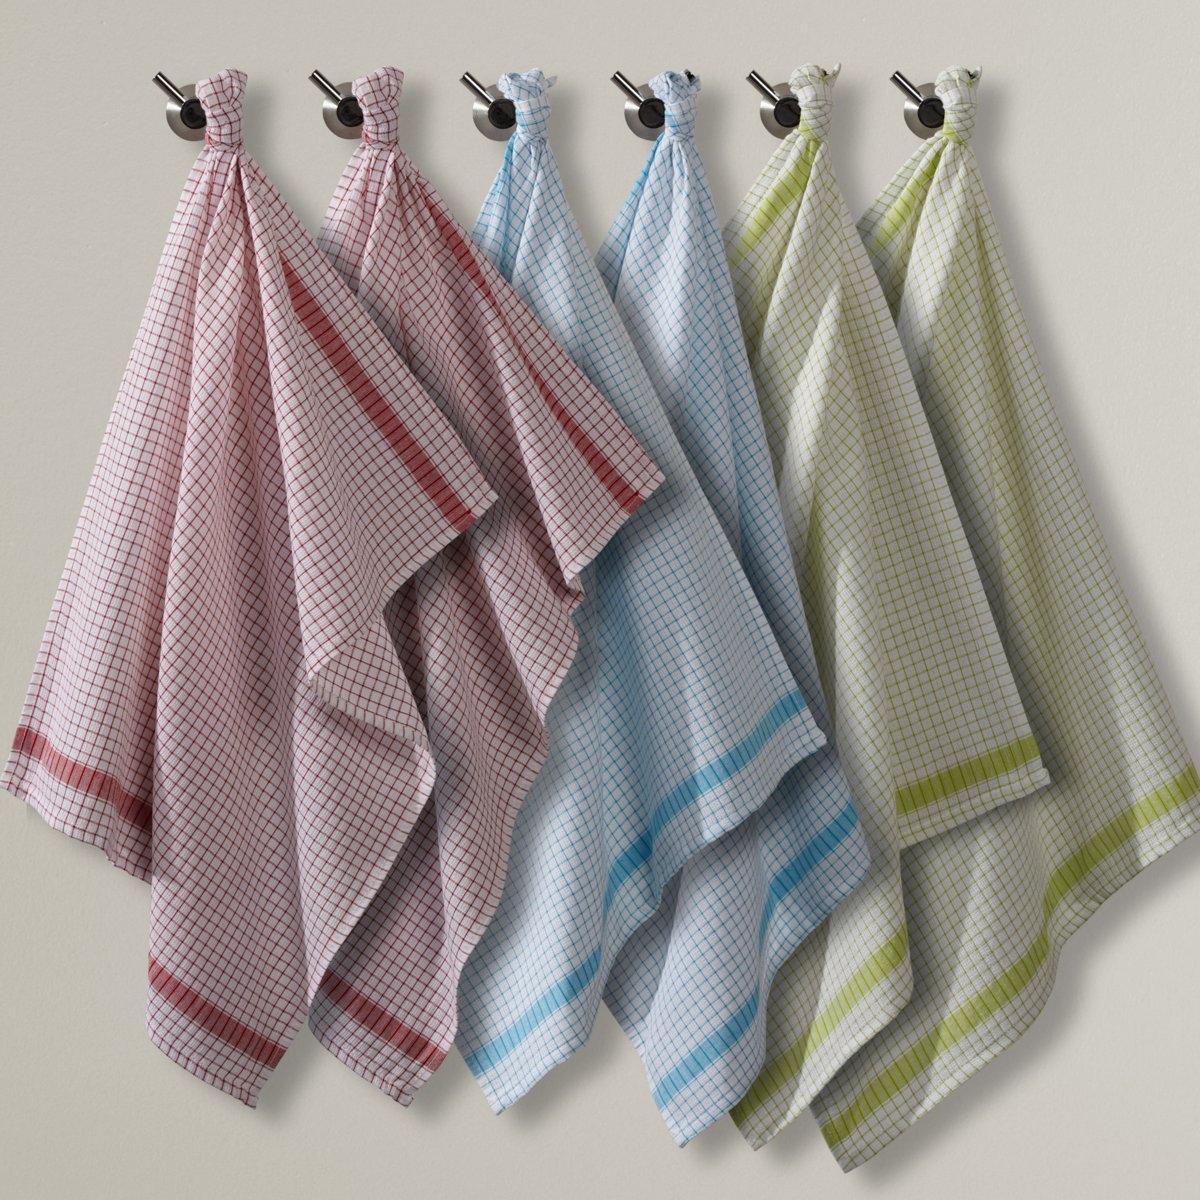 Комплект из 6 кухонных полотенец в клетку, из вафельной ткани, Essuie полотенца кухонные la pastel комплект кухонных полотенец gabel 6пр 50x70 primizie